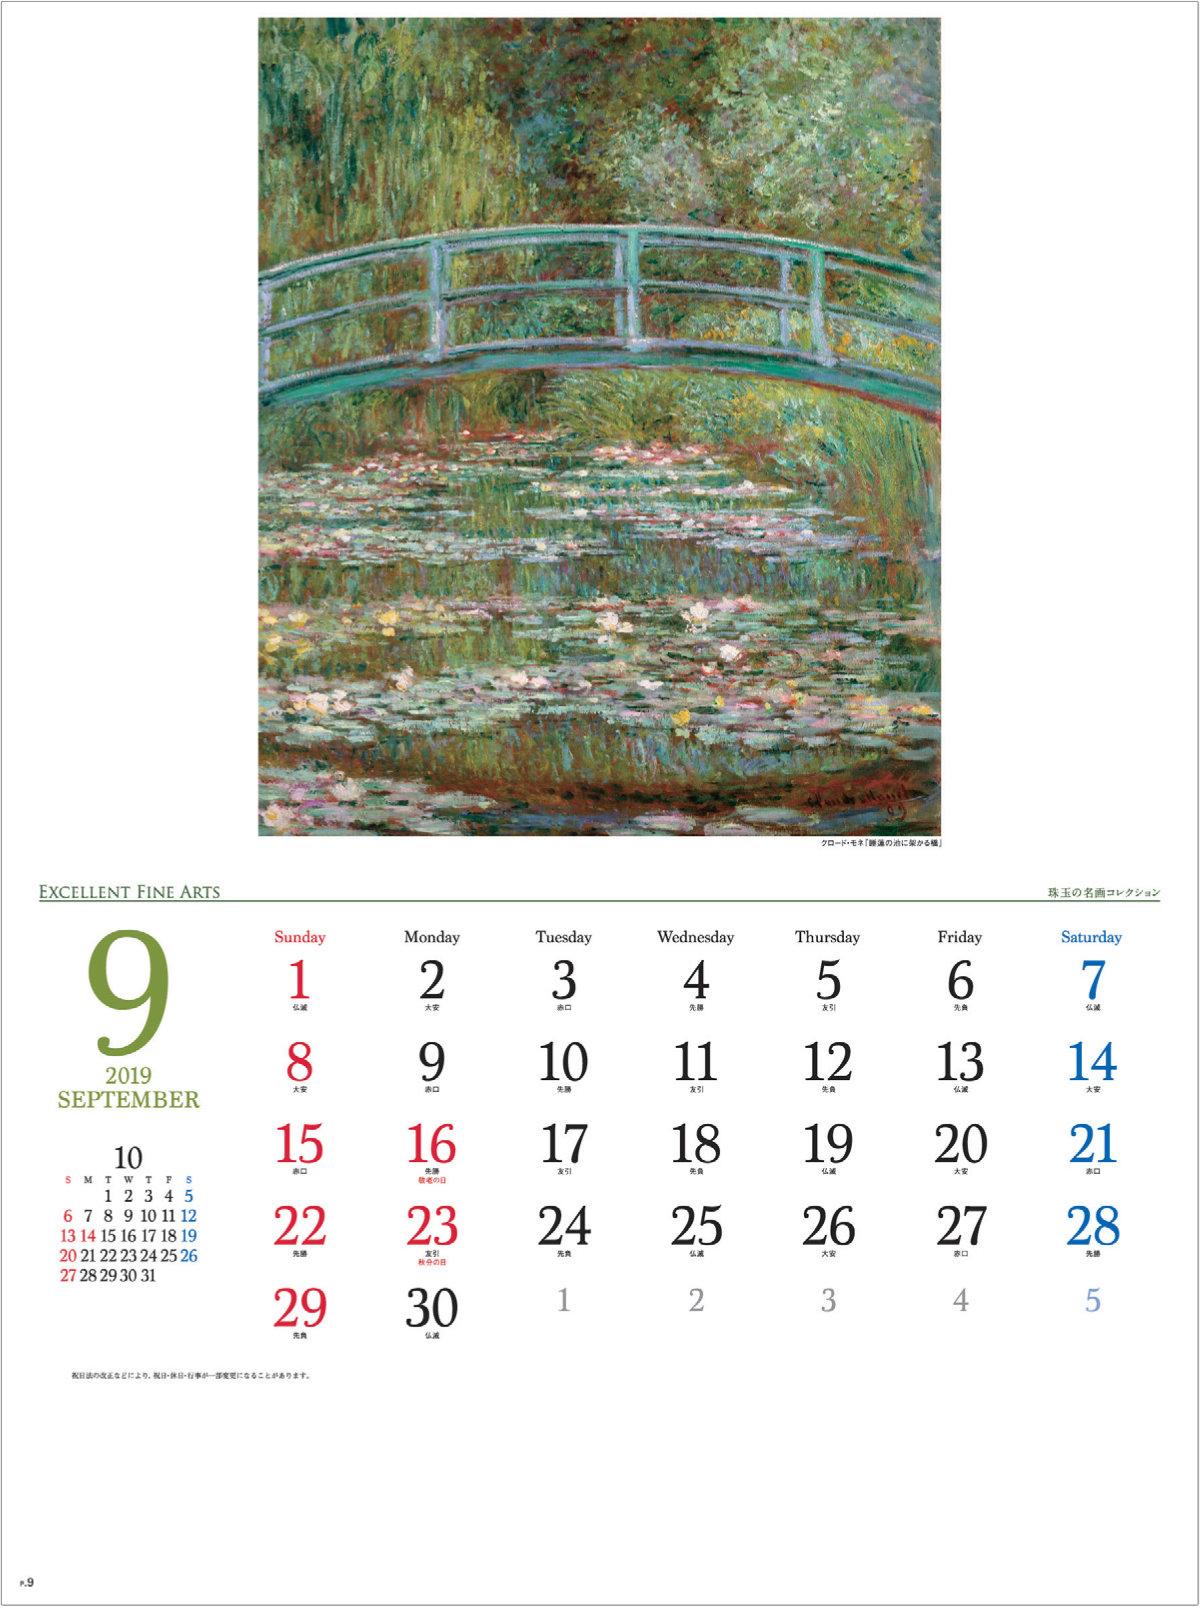 画像:クロード・モネ「睡蓮の池に架かる橋」 珠玉の名画コレクション 2019年カレンダー